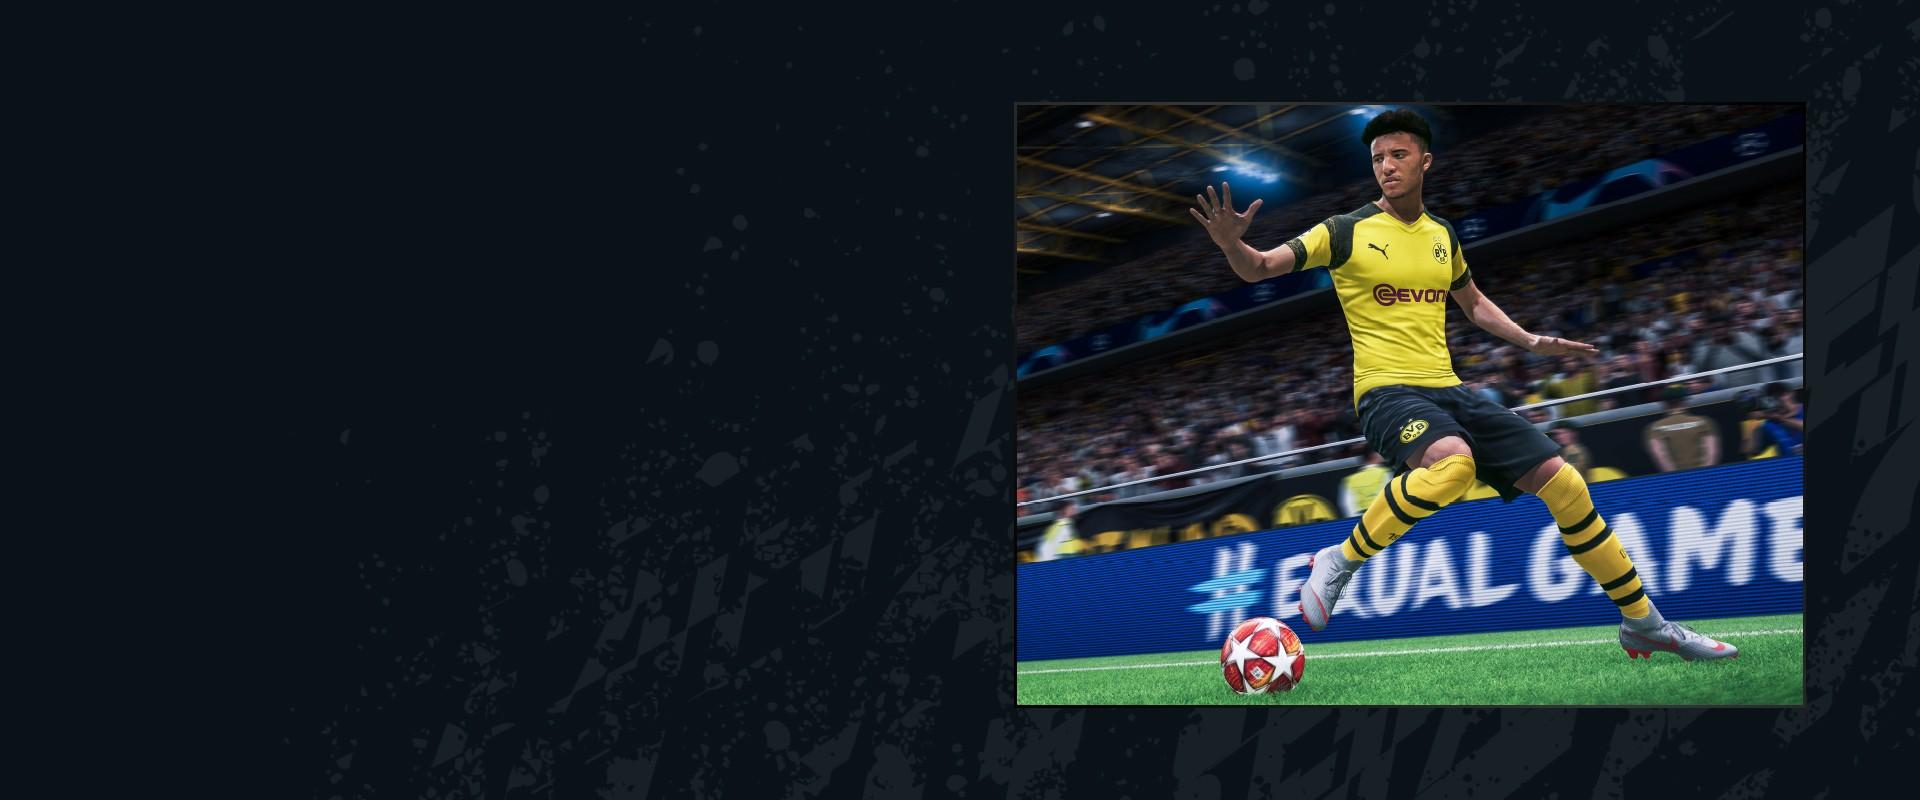 fifa 20 web app - photo #34